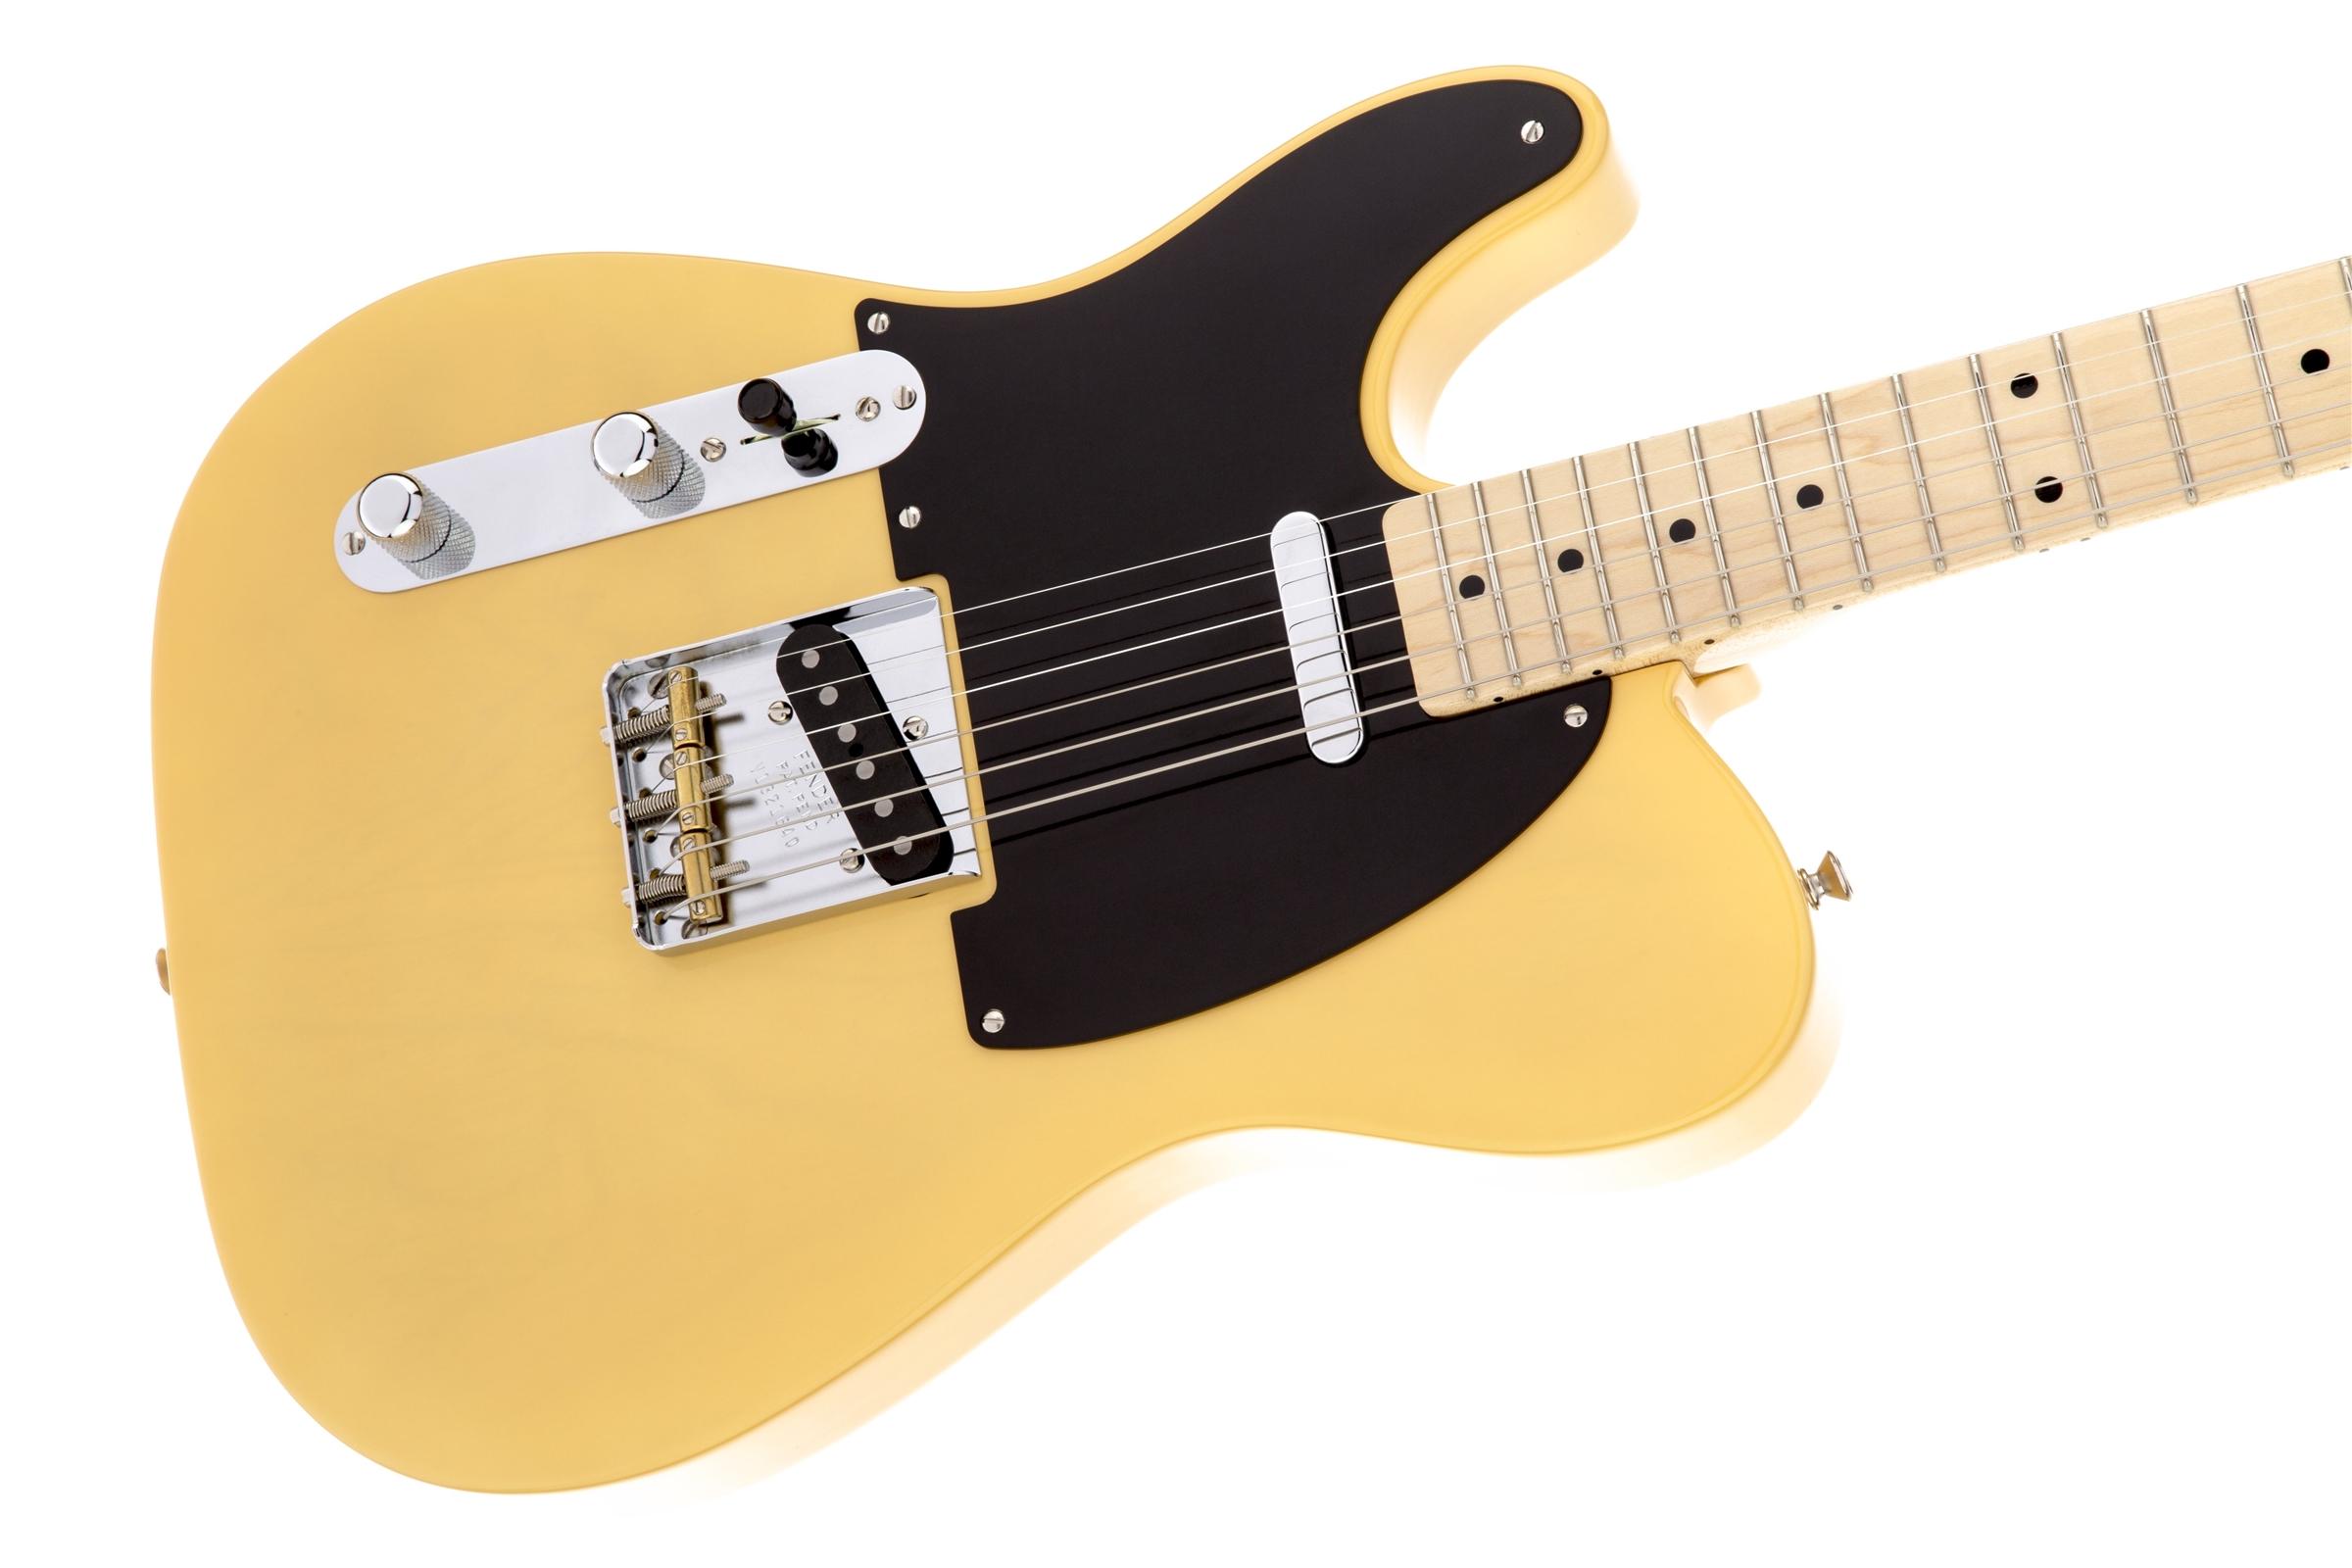 american vintage 39 52 telecaster left hand fender electric guitars. Black Bedroom Furniture Sets. Home Design Ideas